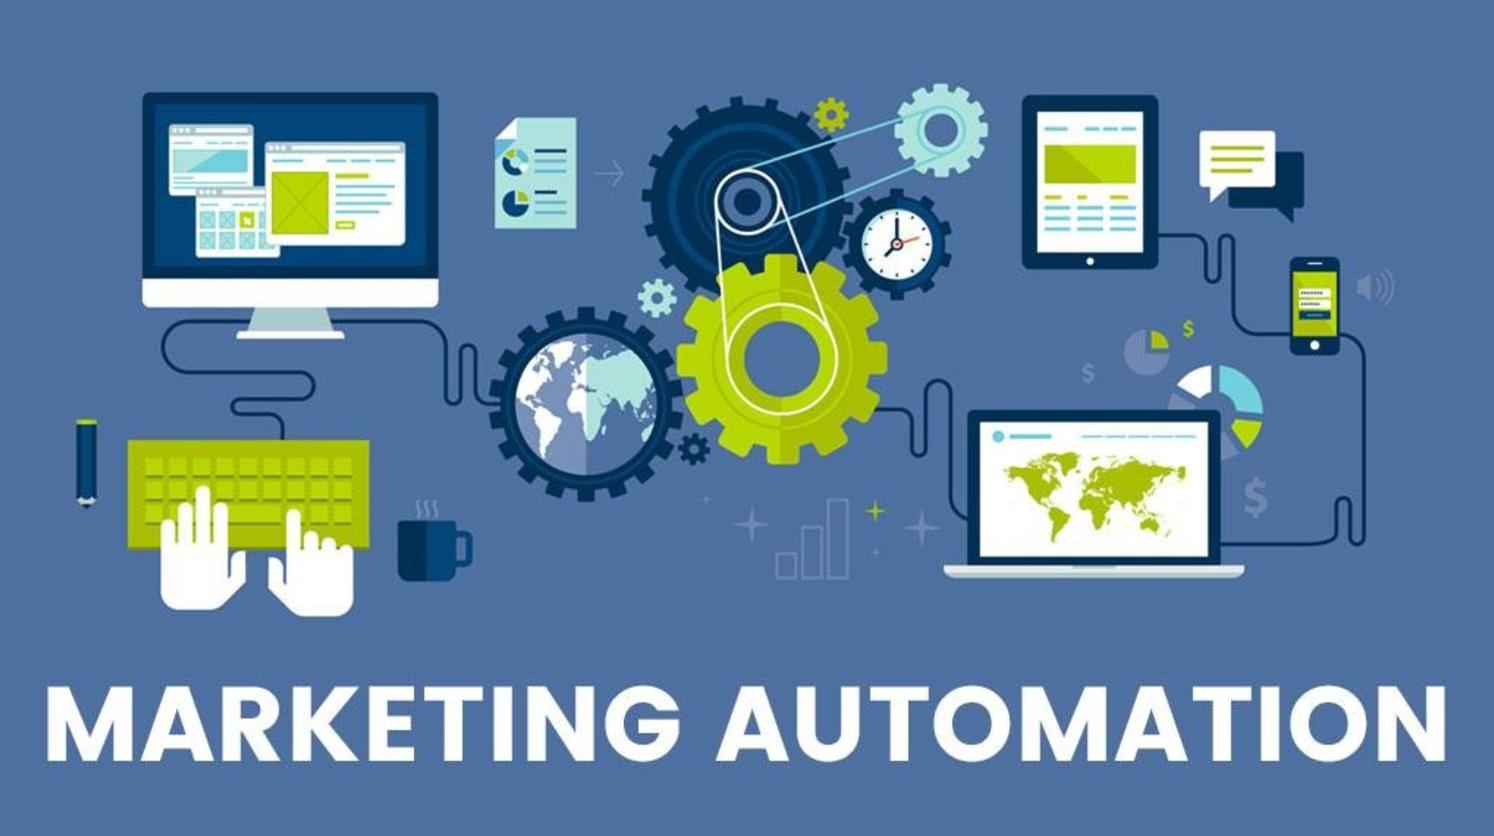 Lợi ích của Marketing Automation dành cho doanh nghiệp - Getfly CRM